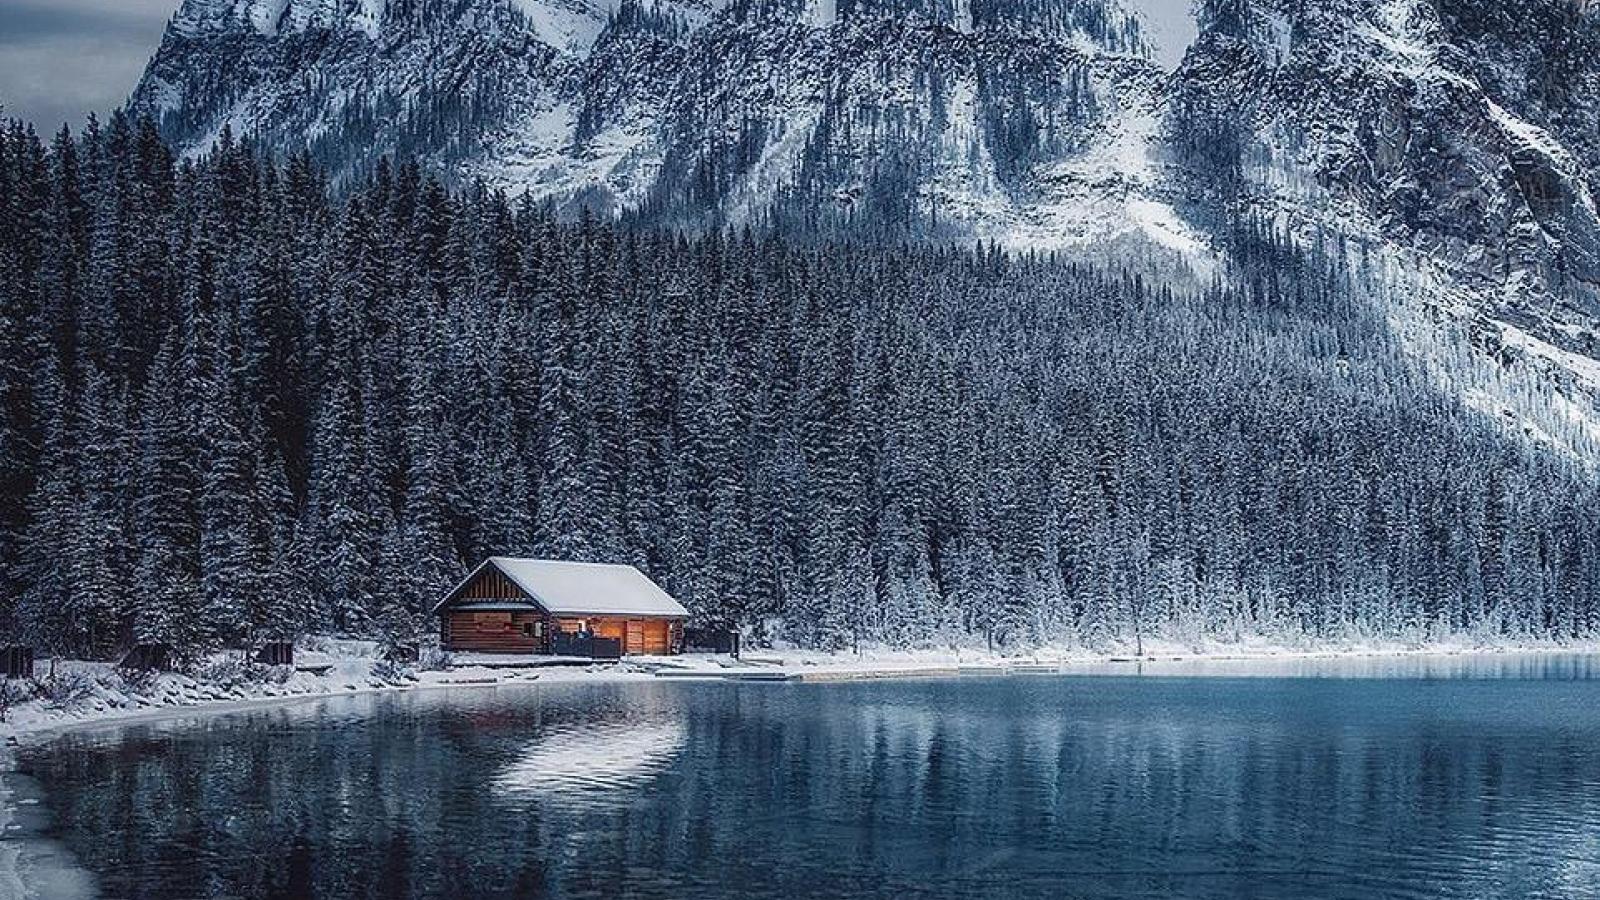 Vẻ đẹp huyền ảo của Công viên quốc gia Banff ở Canada